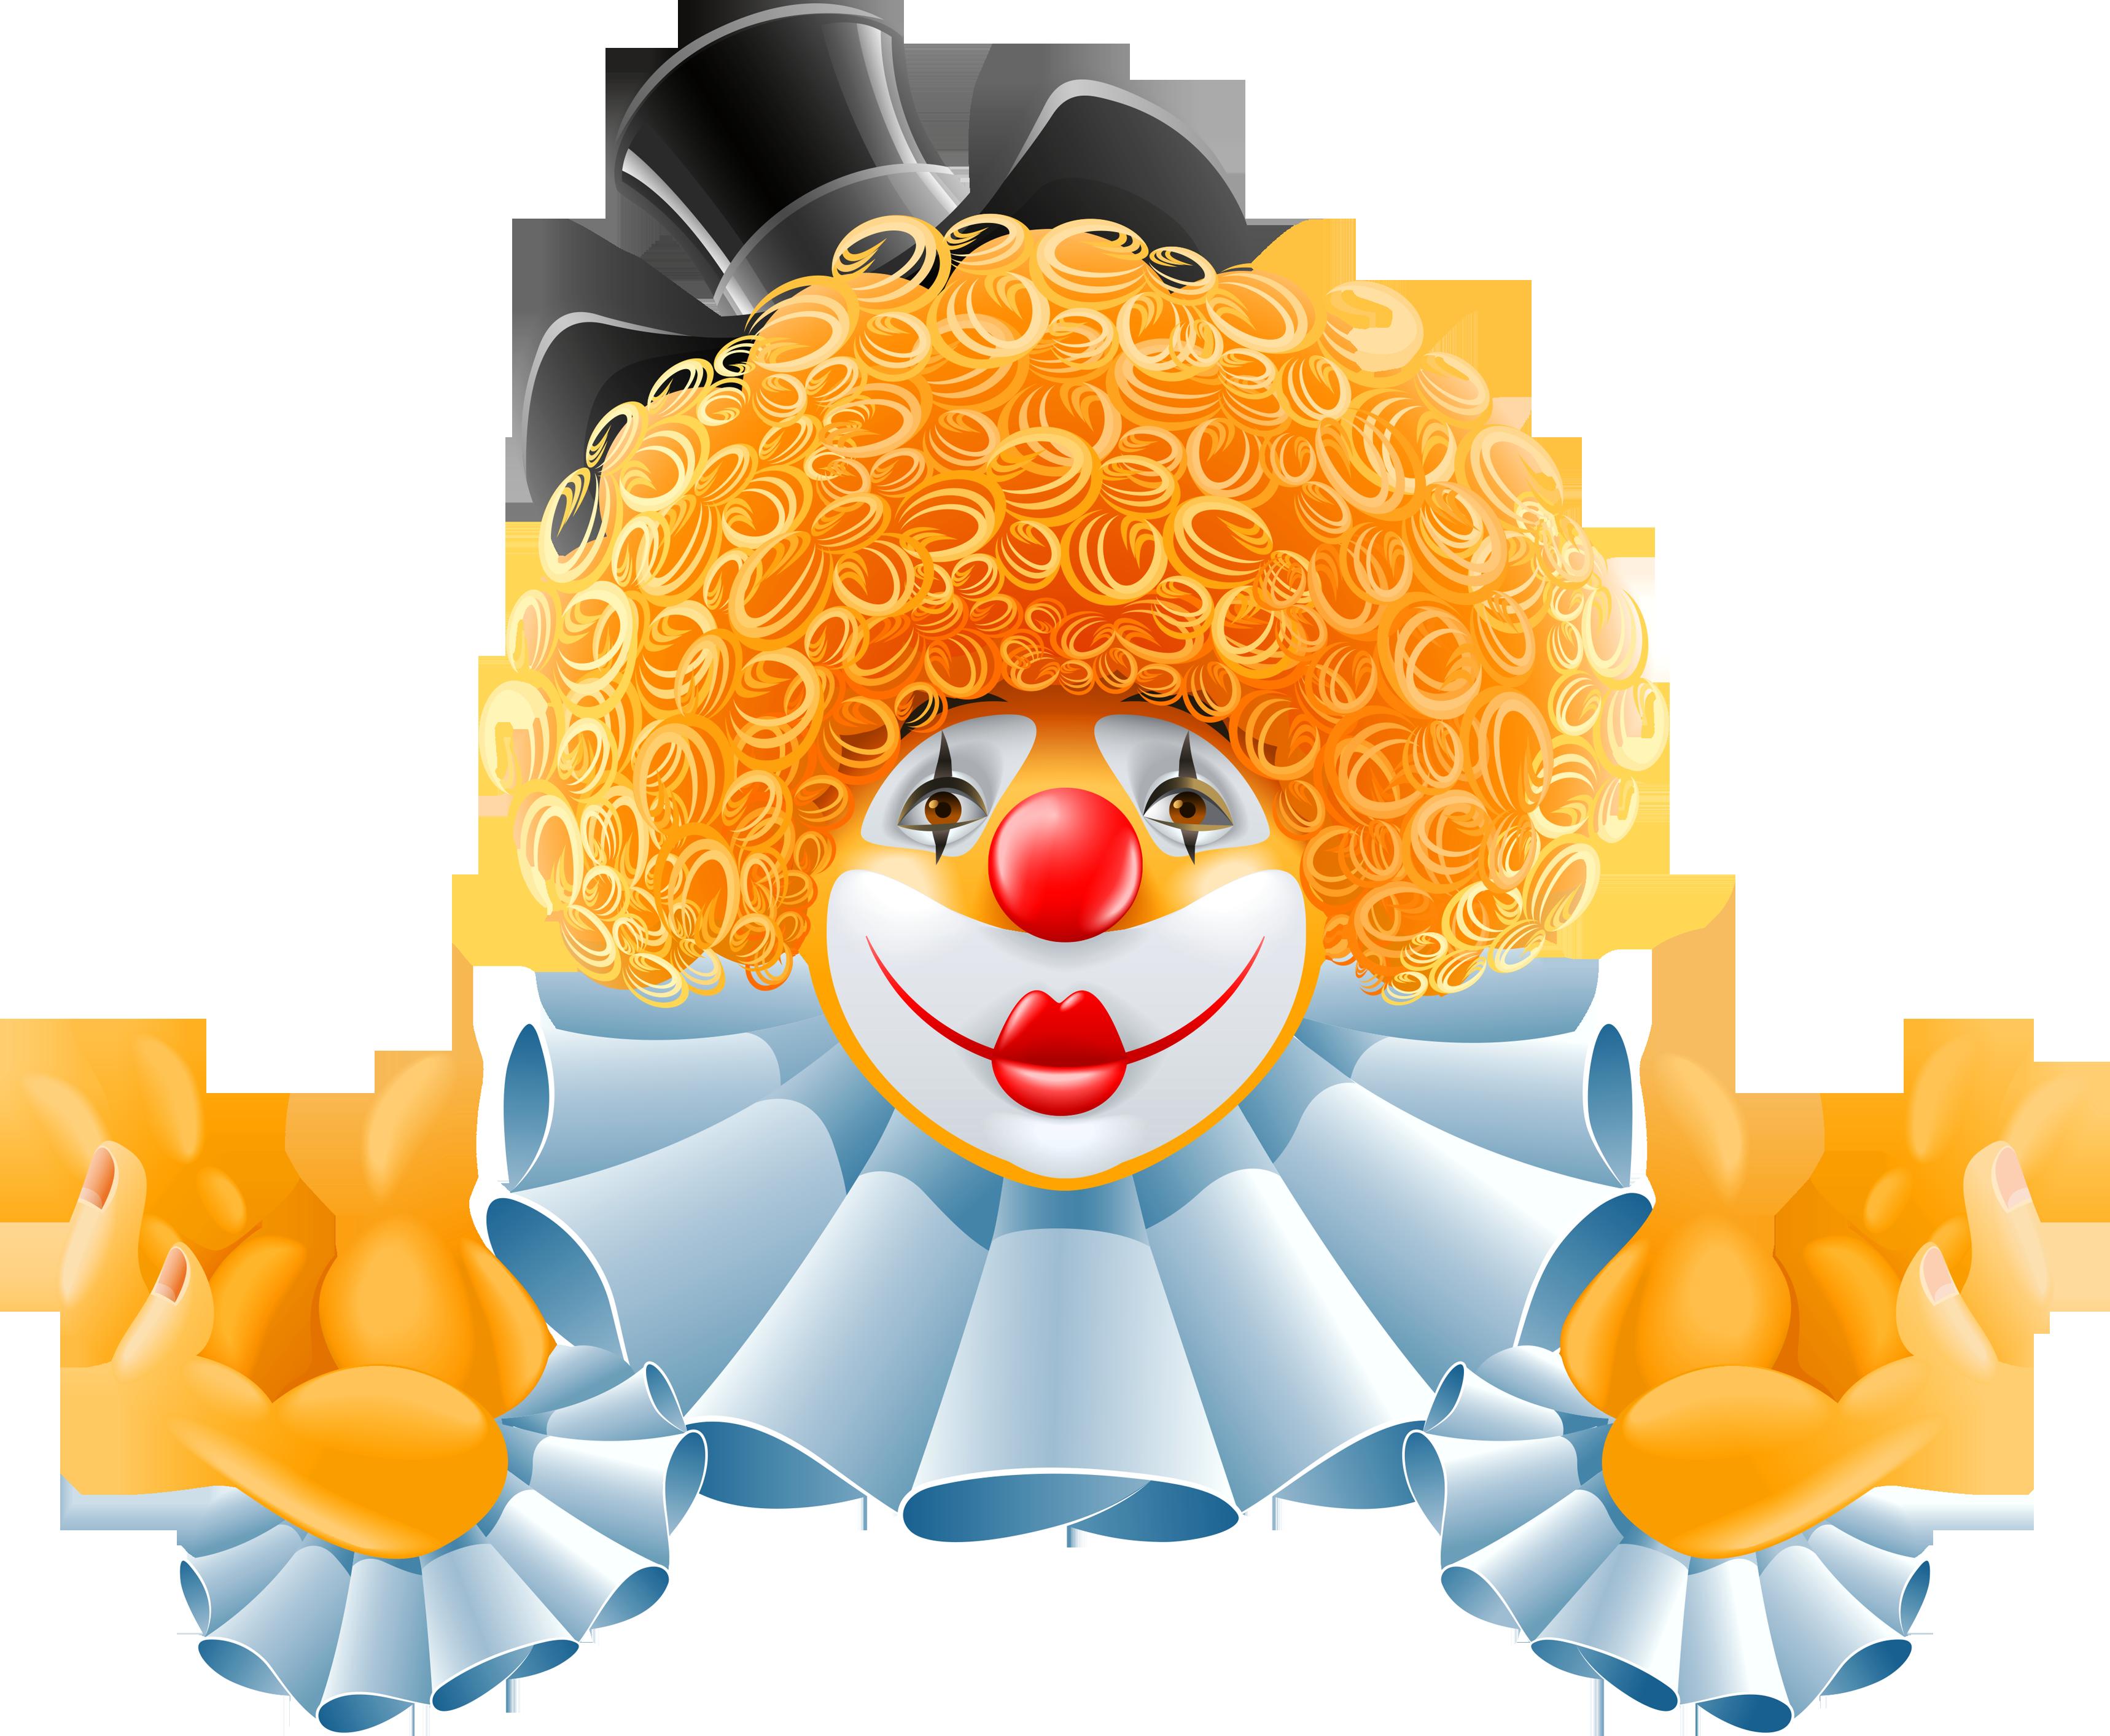 картинка анимашка клоун горизонтальный